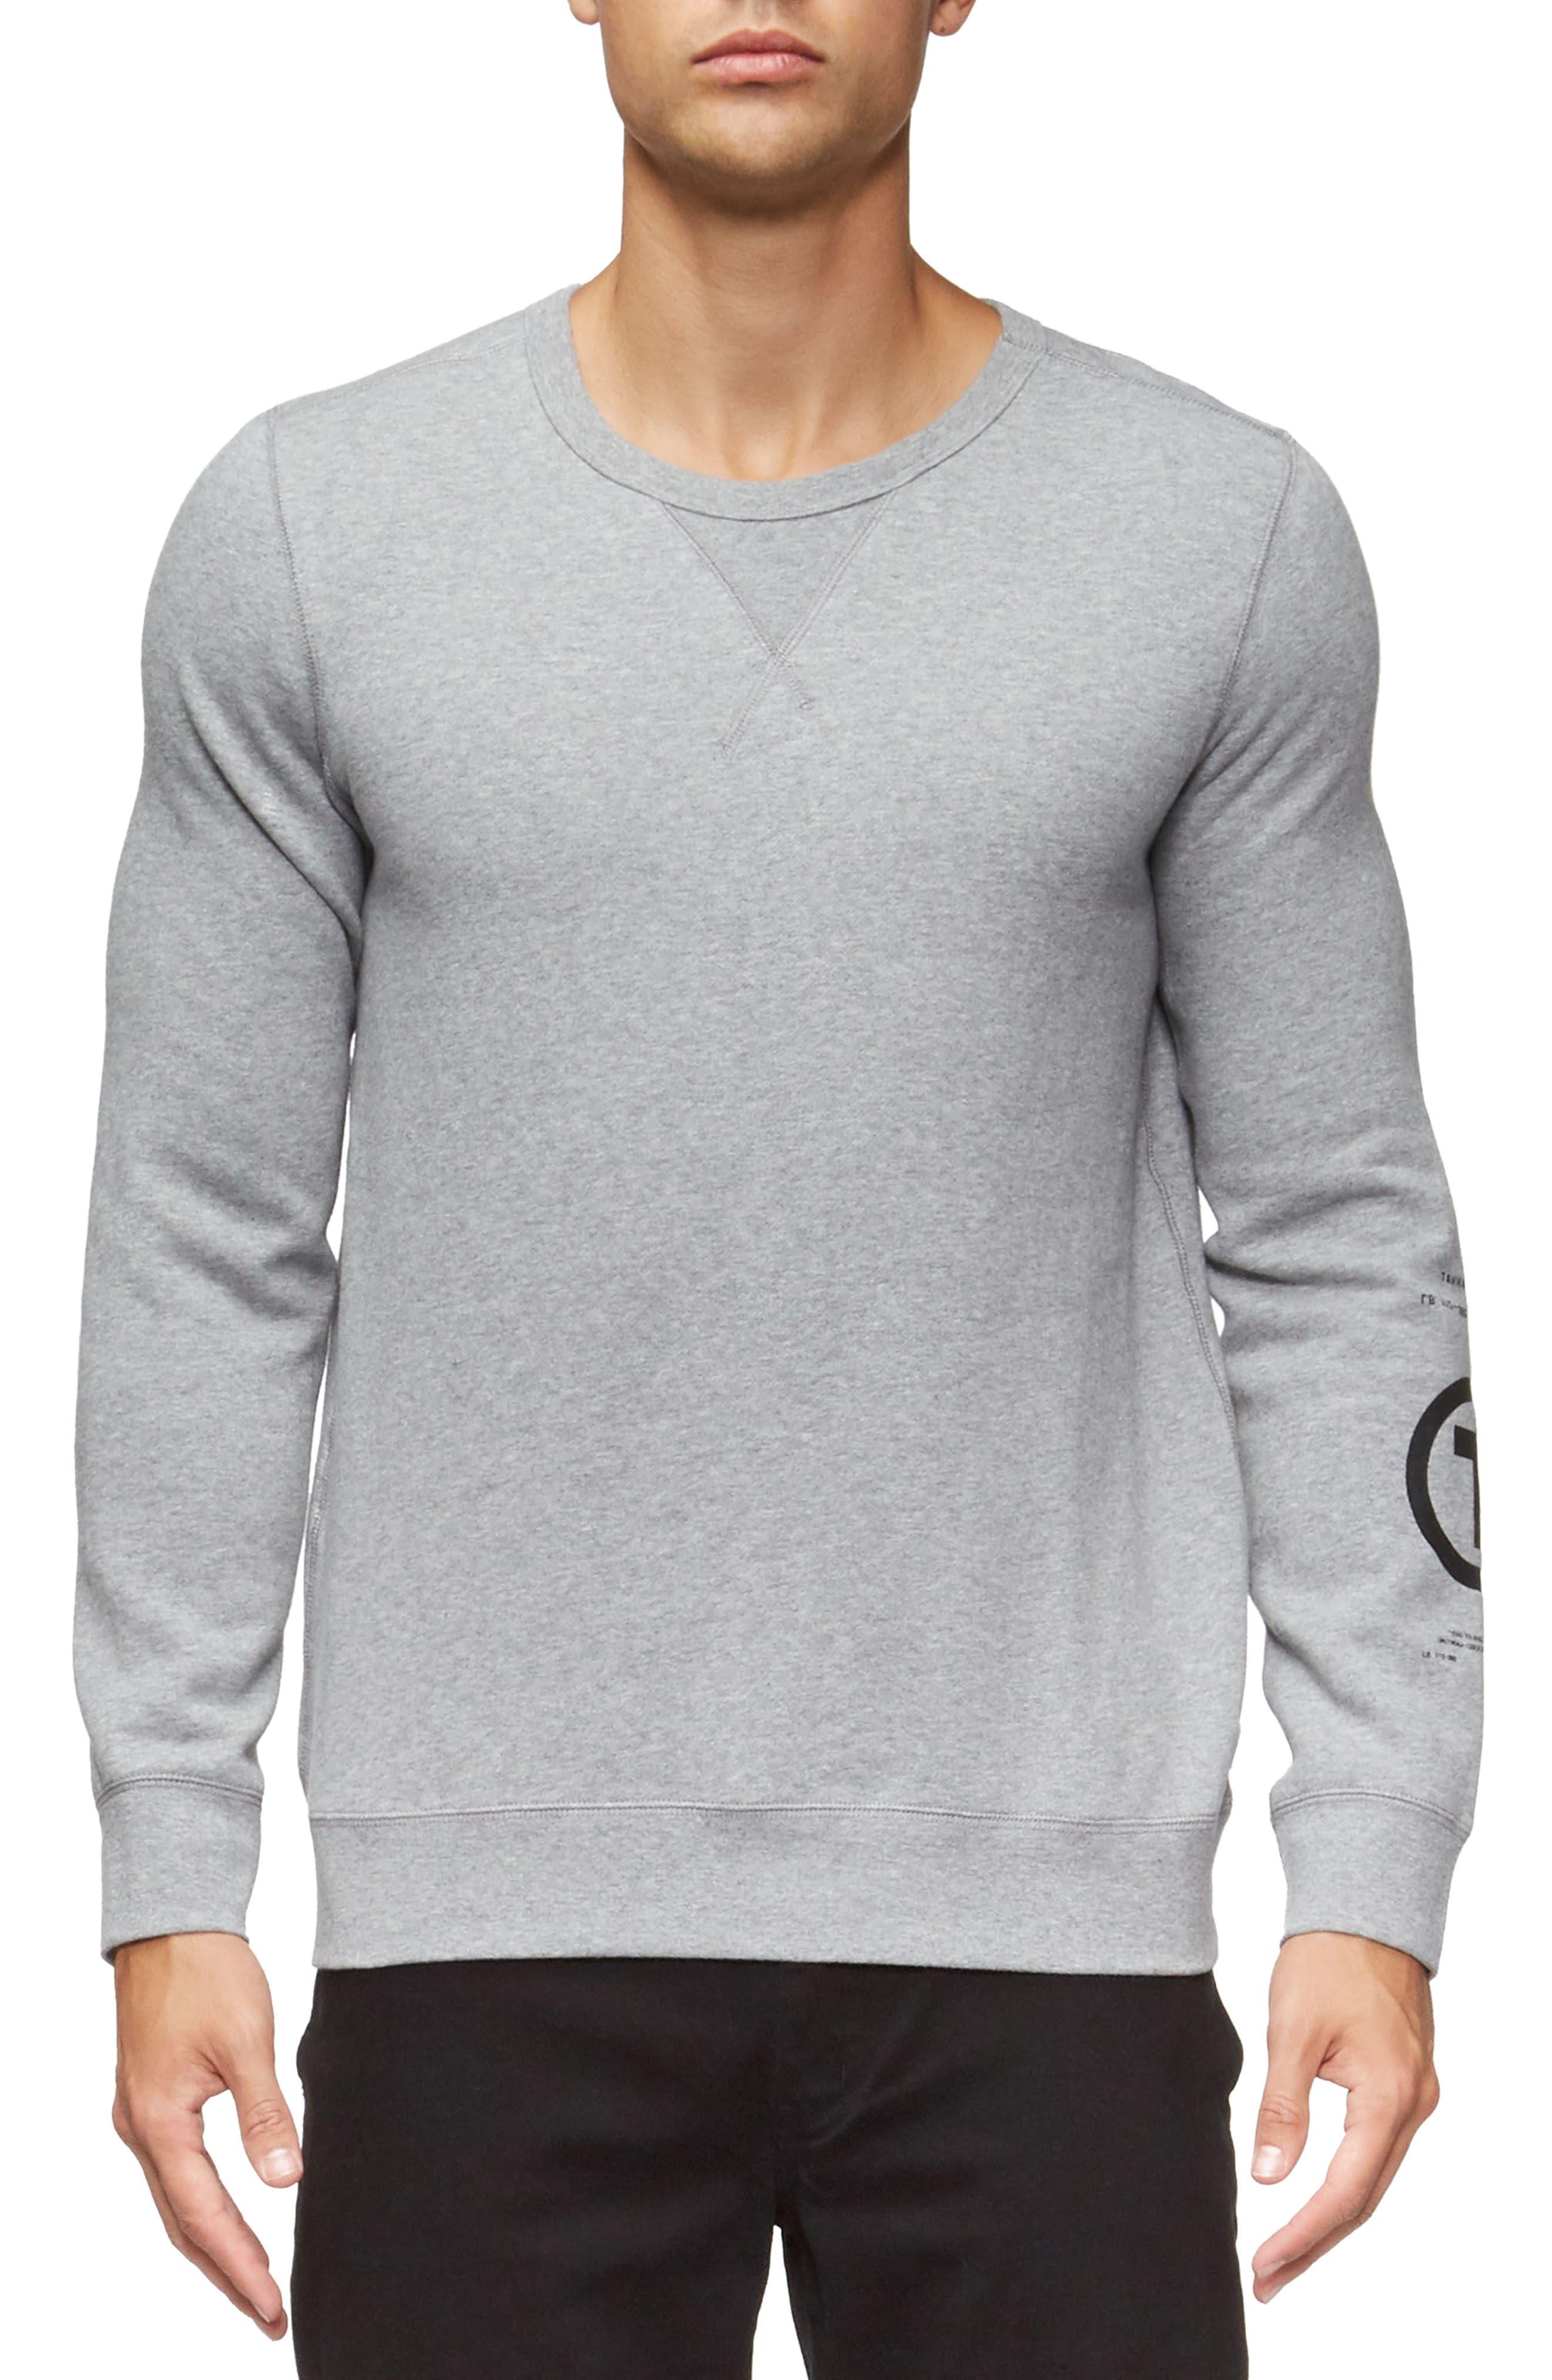 Marina Sweatshirt,                         Main,                         color, Heather Grey